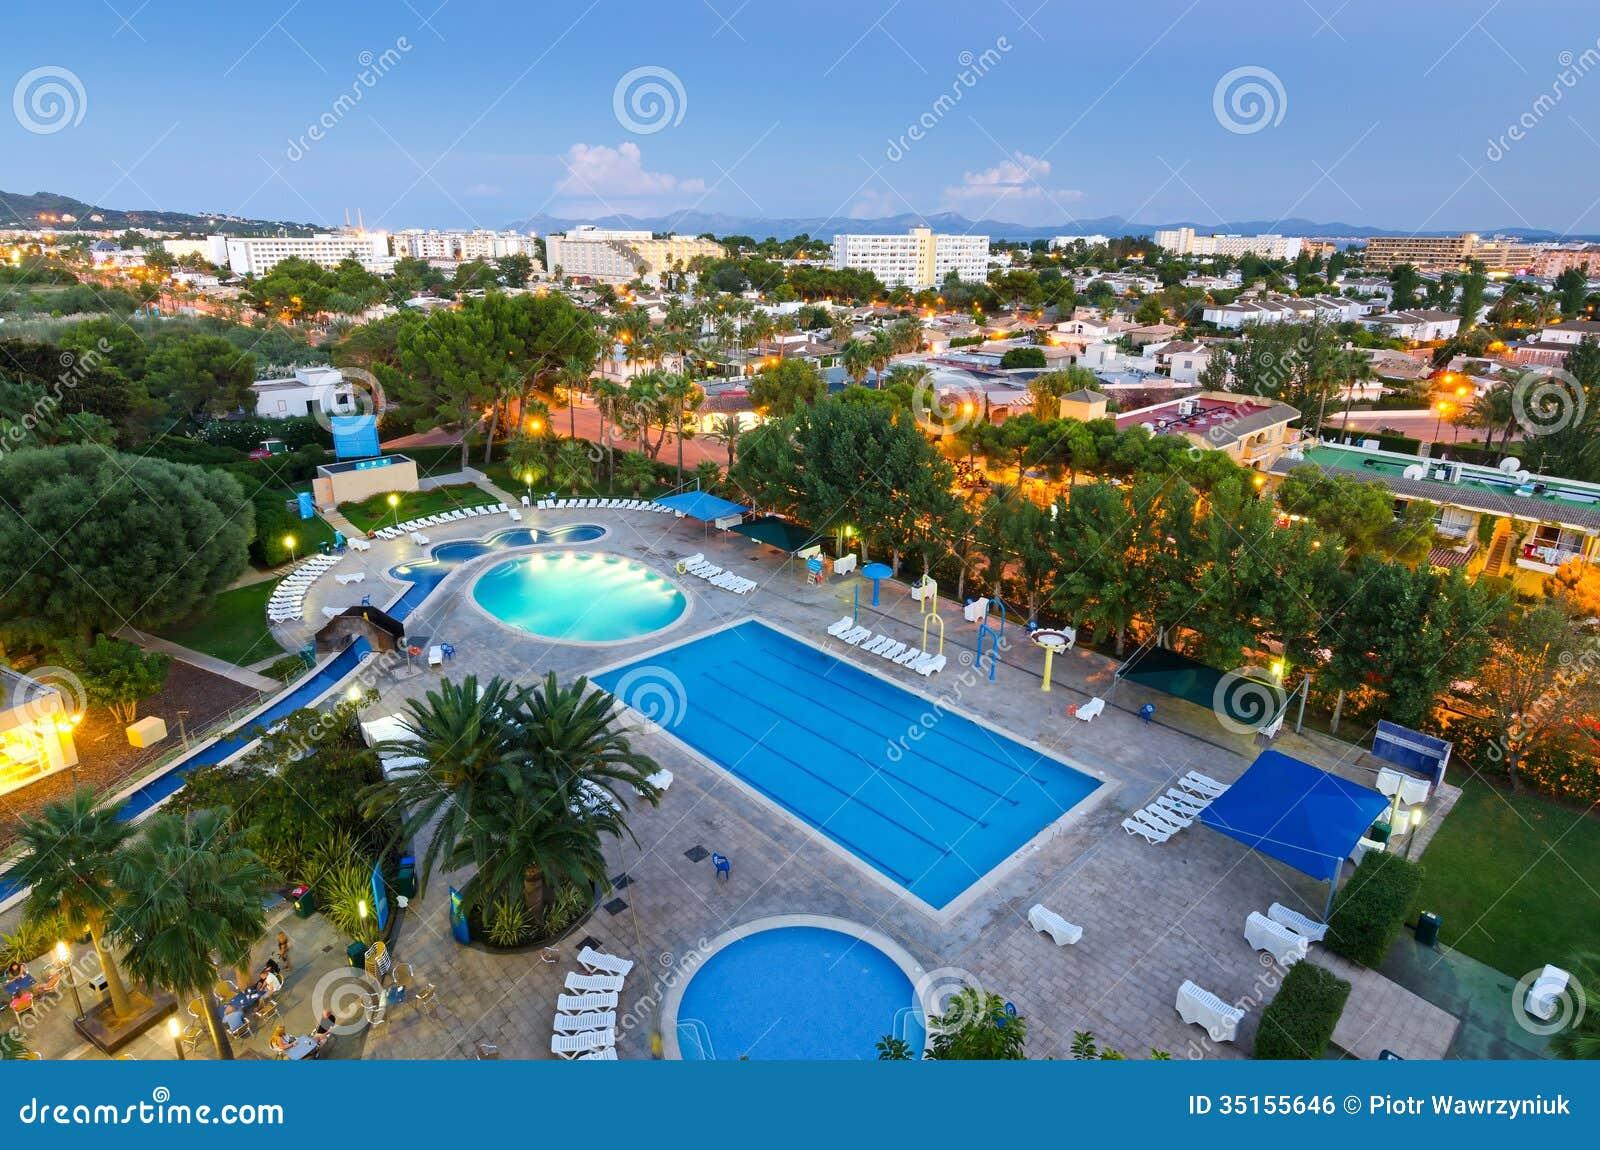 Hotel Club Alcudia